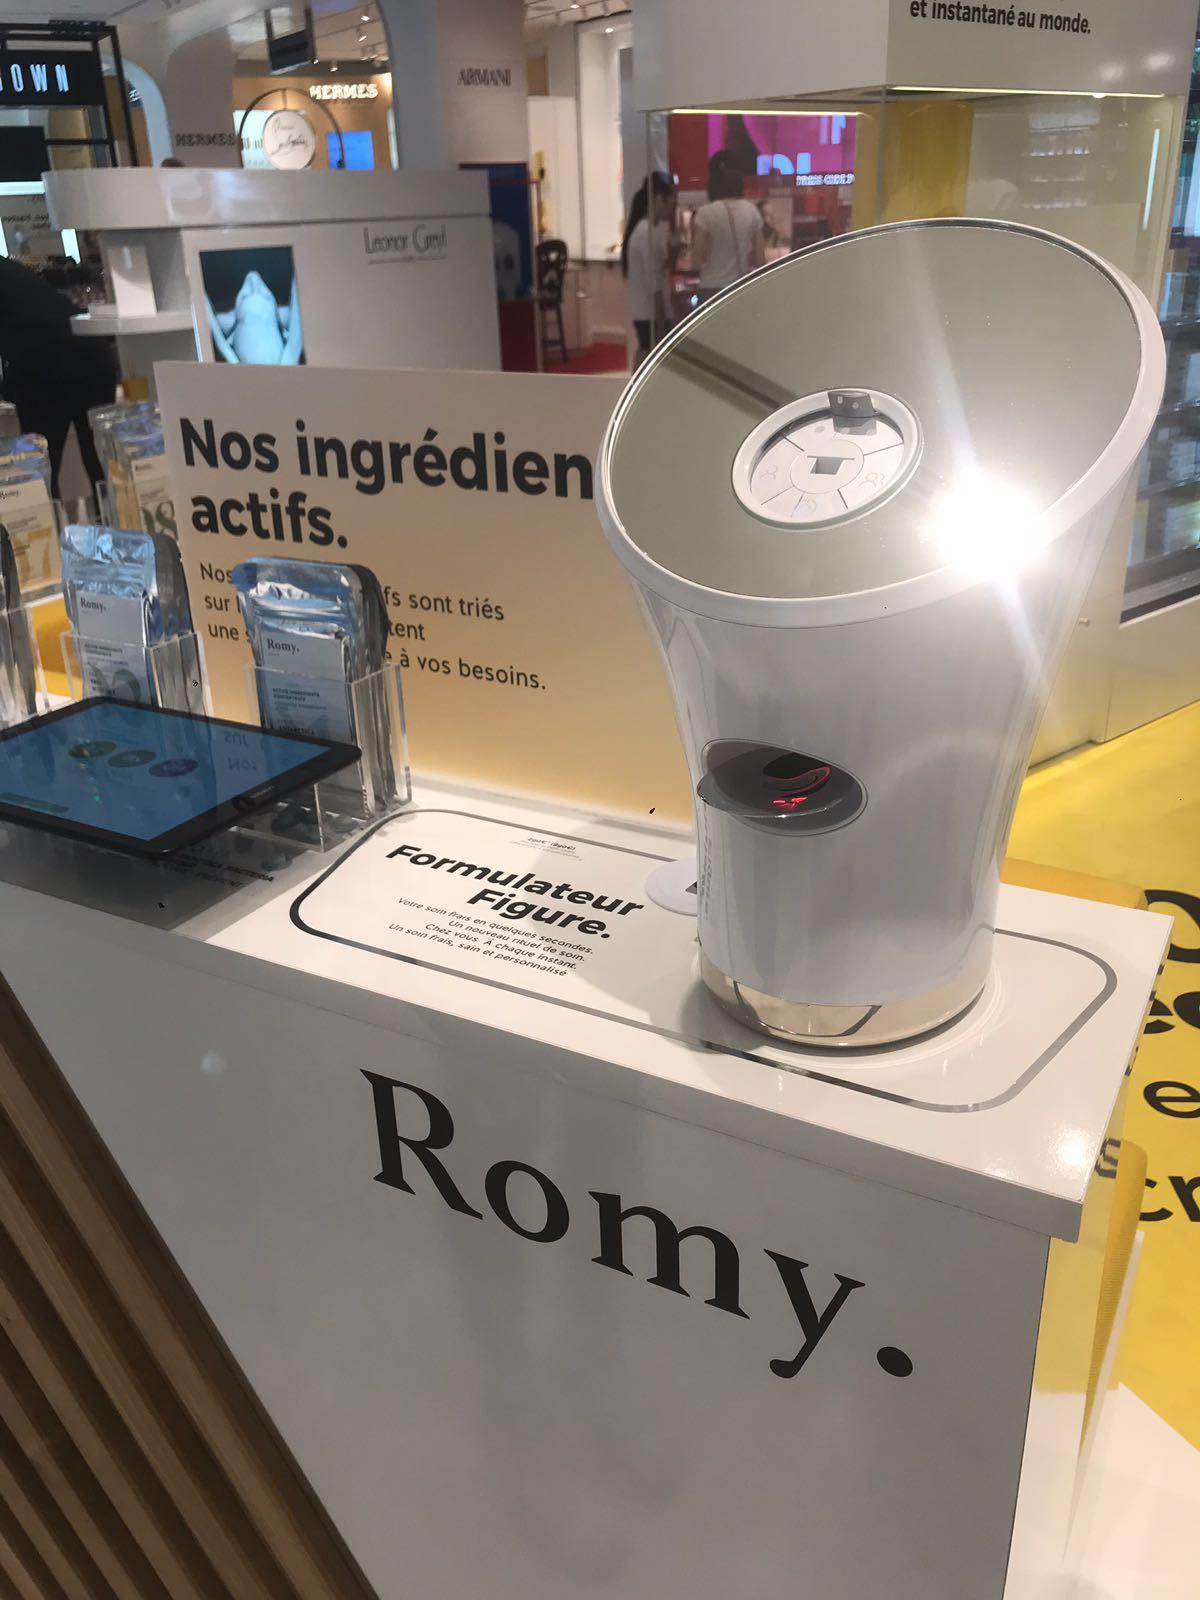 Pop-up store Romy : les soins personnalisés et instantanés